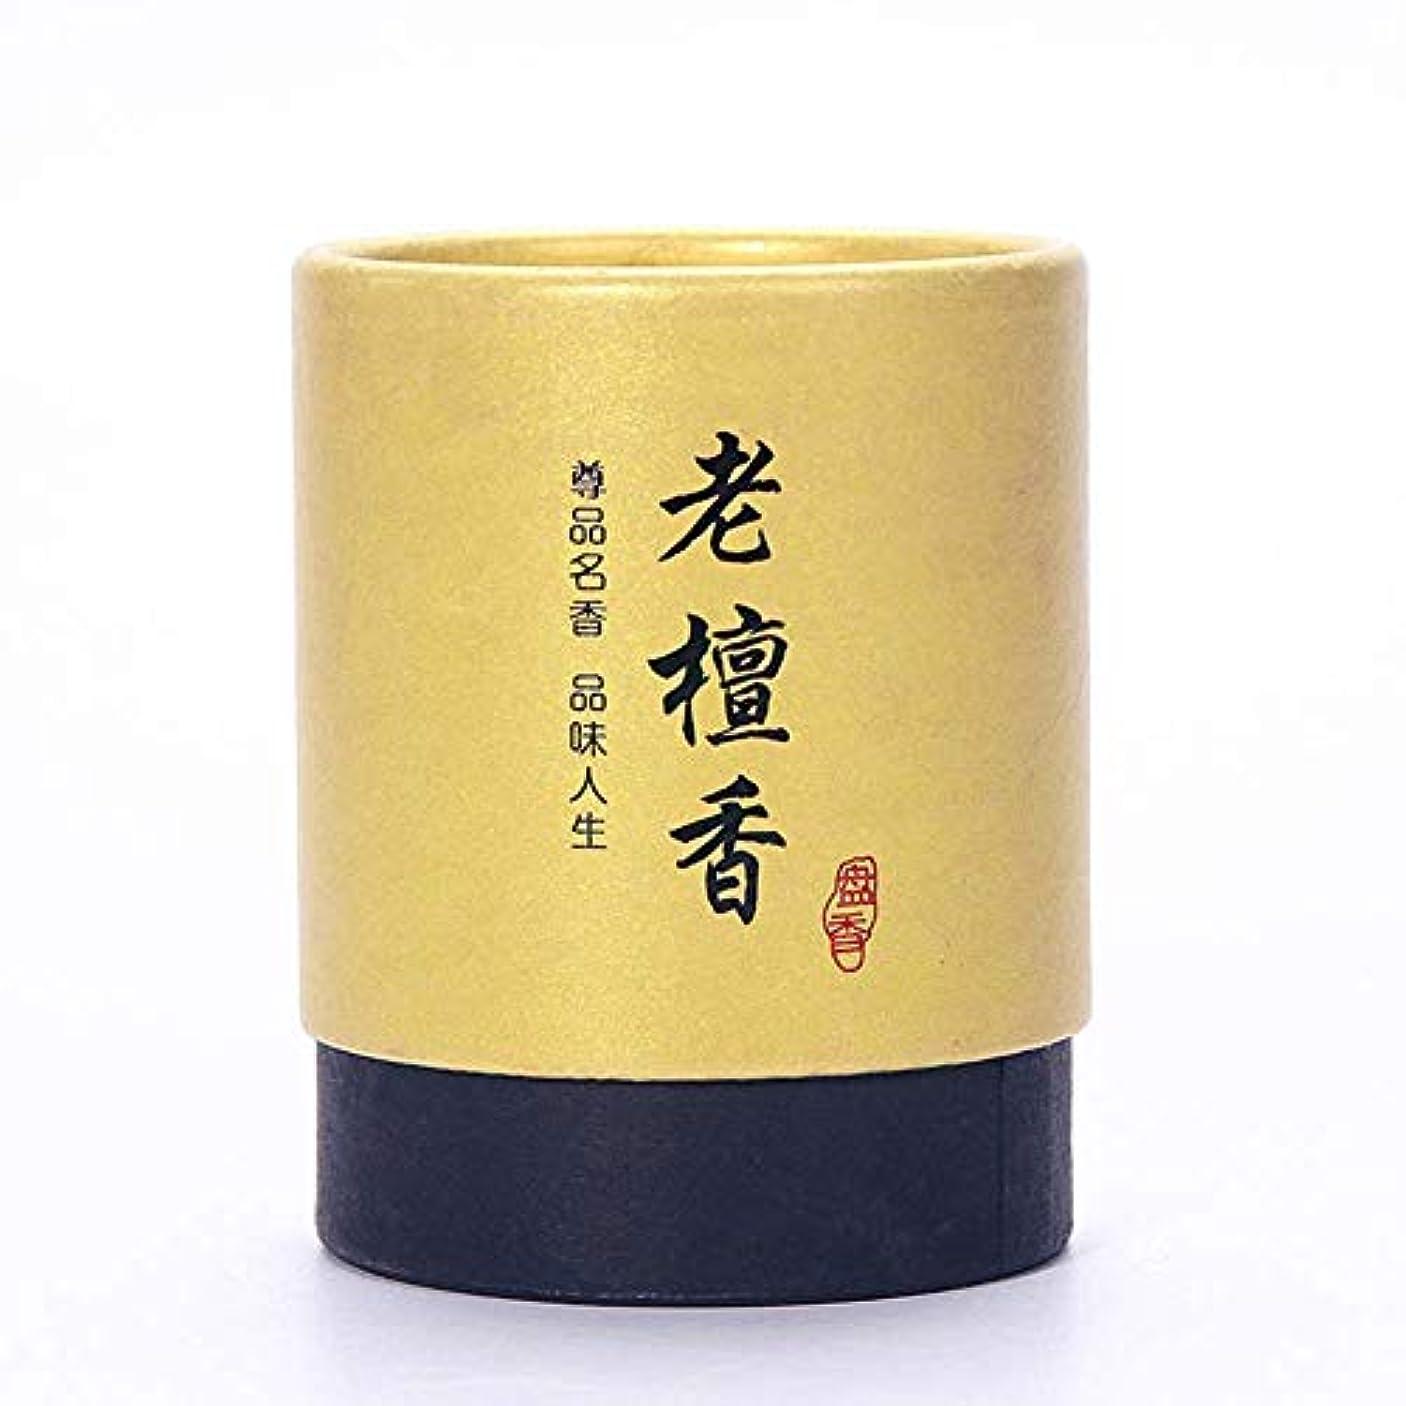 農場メタリック休みHwaGui お香 ビャクダン 2時間 盤香 渦巻き線香 優しい香り 48巻入 (老い檀香)